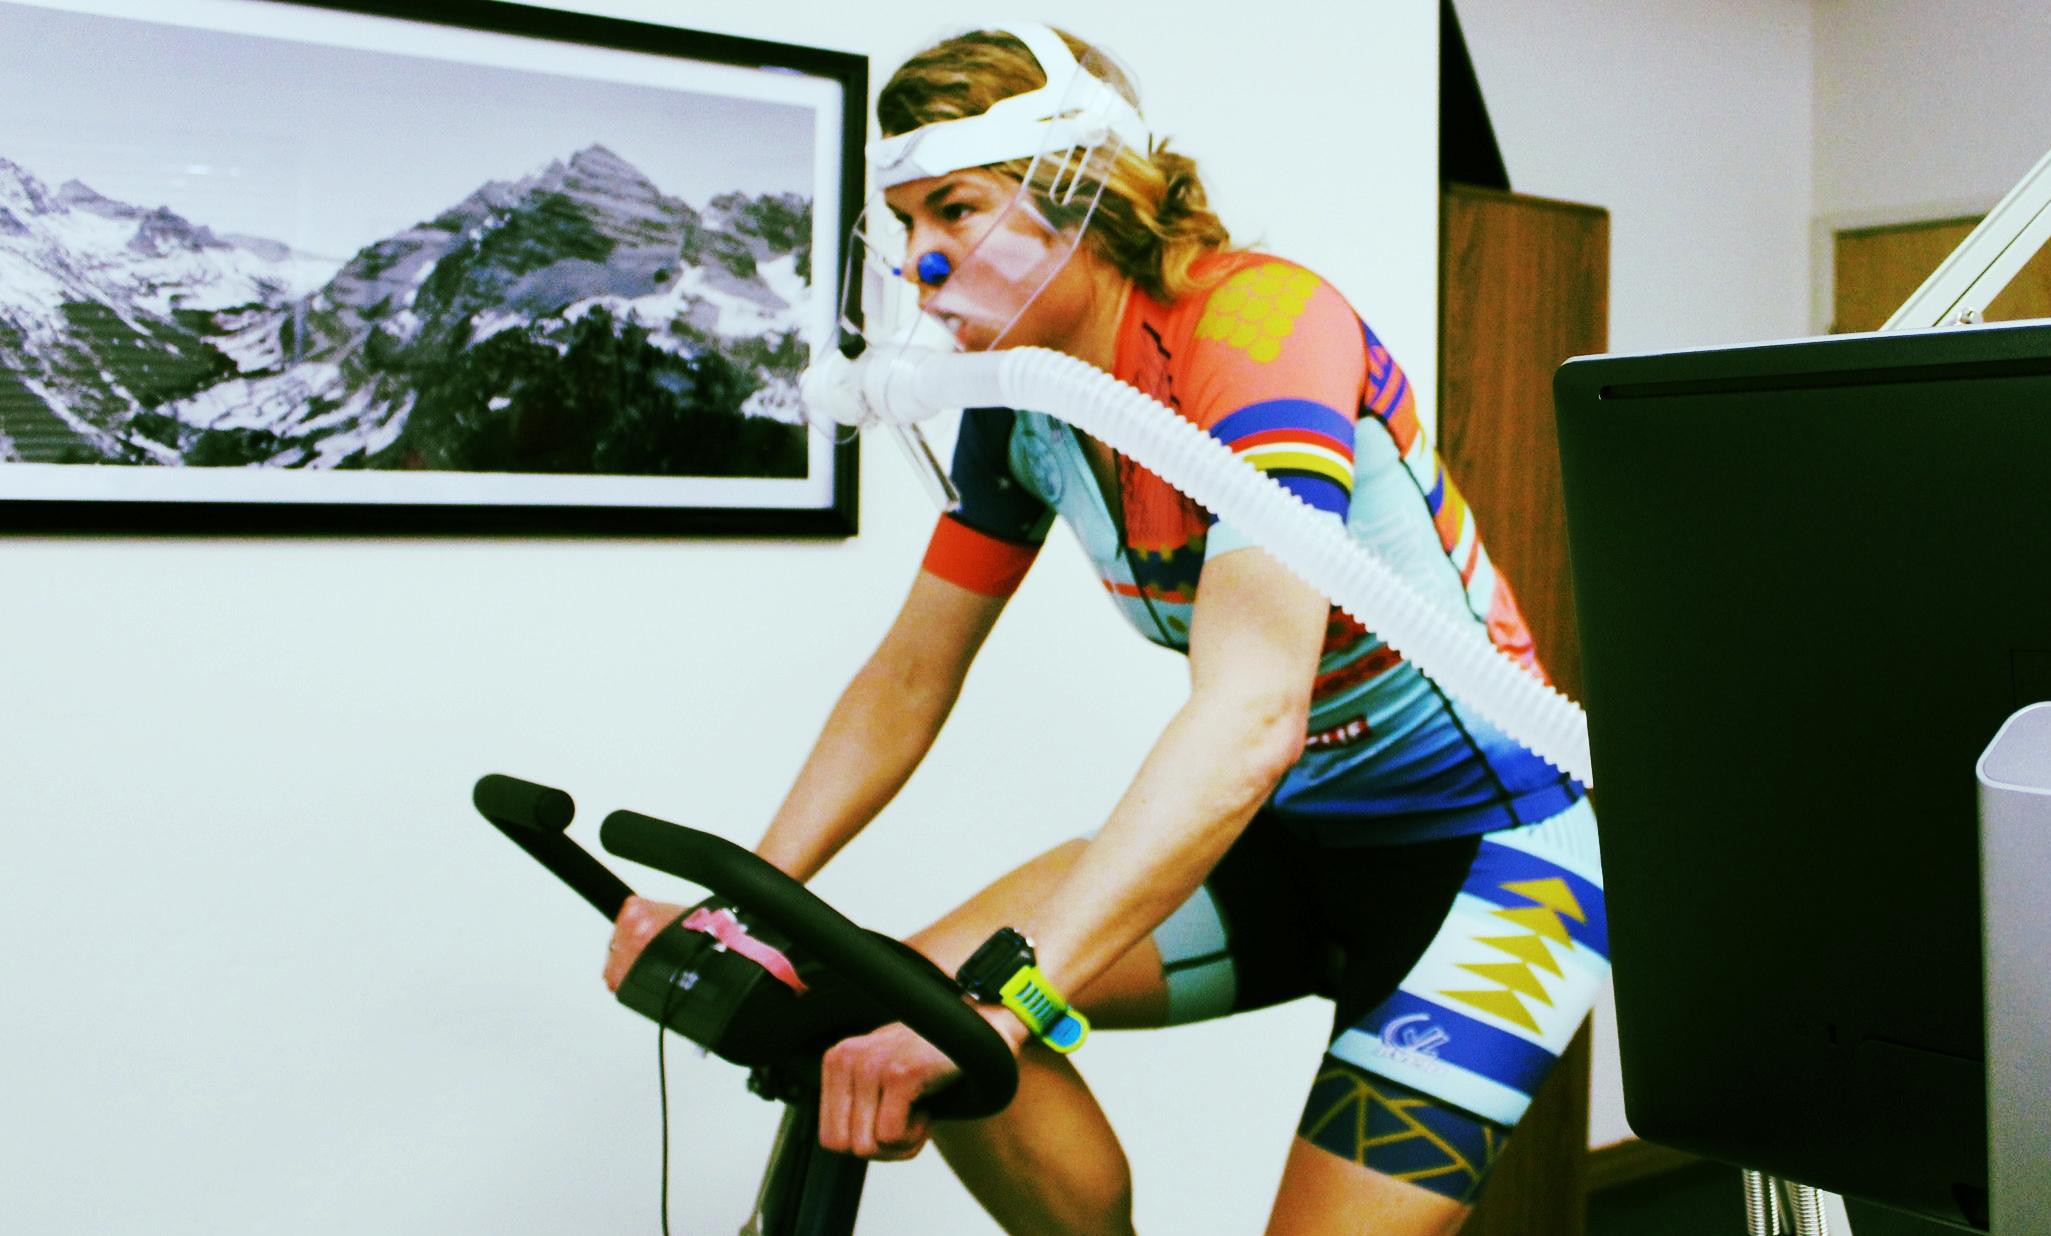 Professional Xterra triathlete Kara Lapoint doing a VO2 Max test